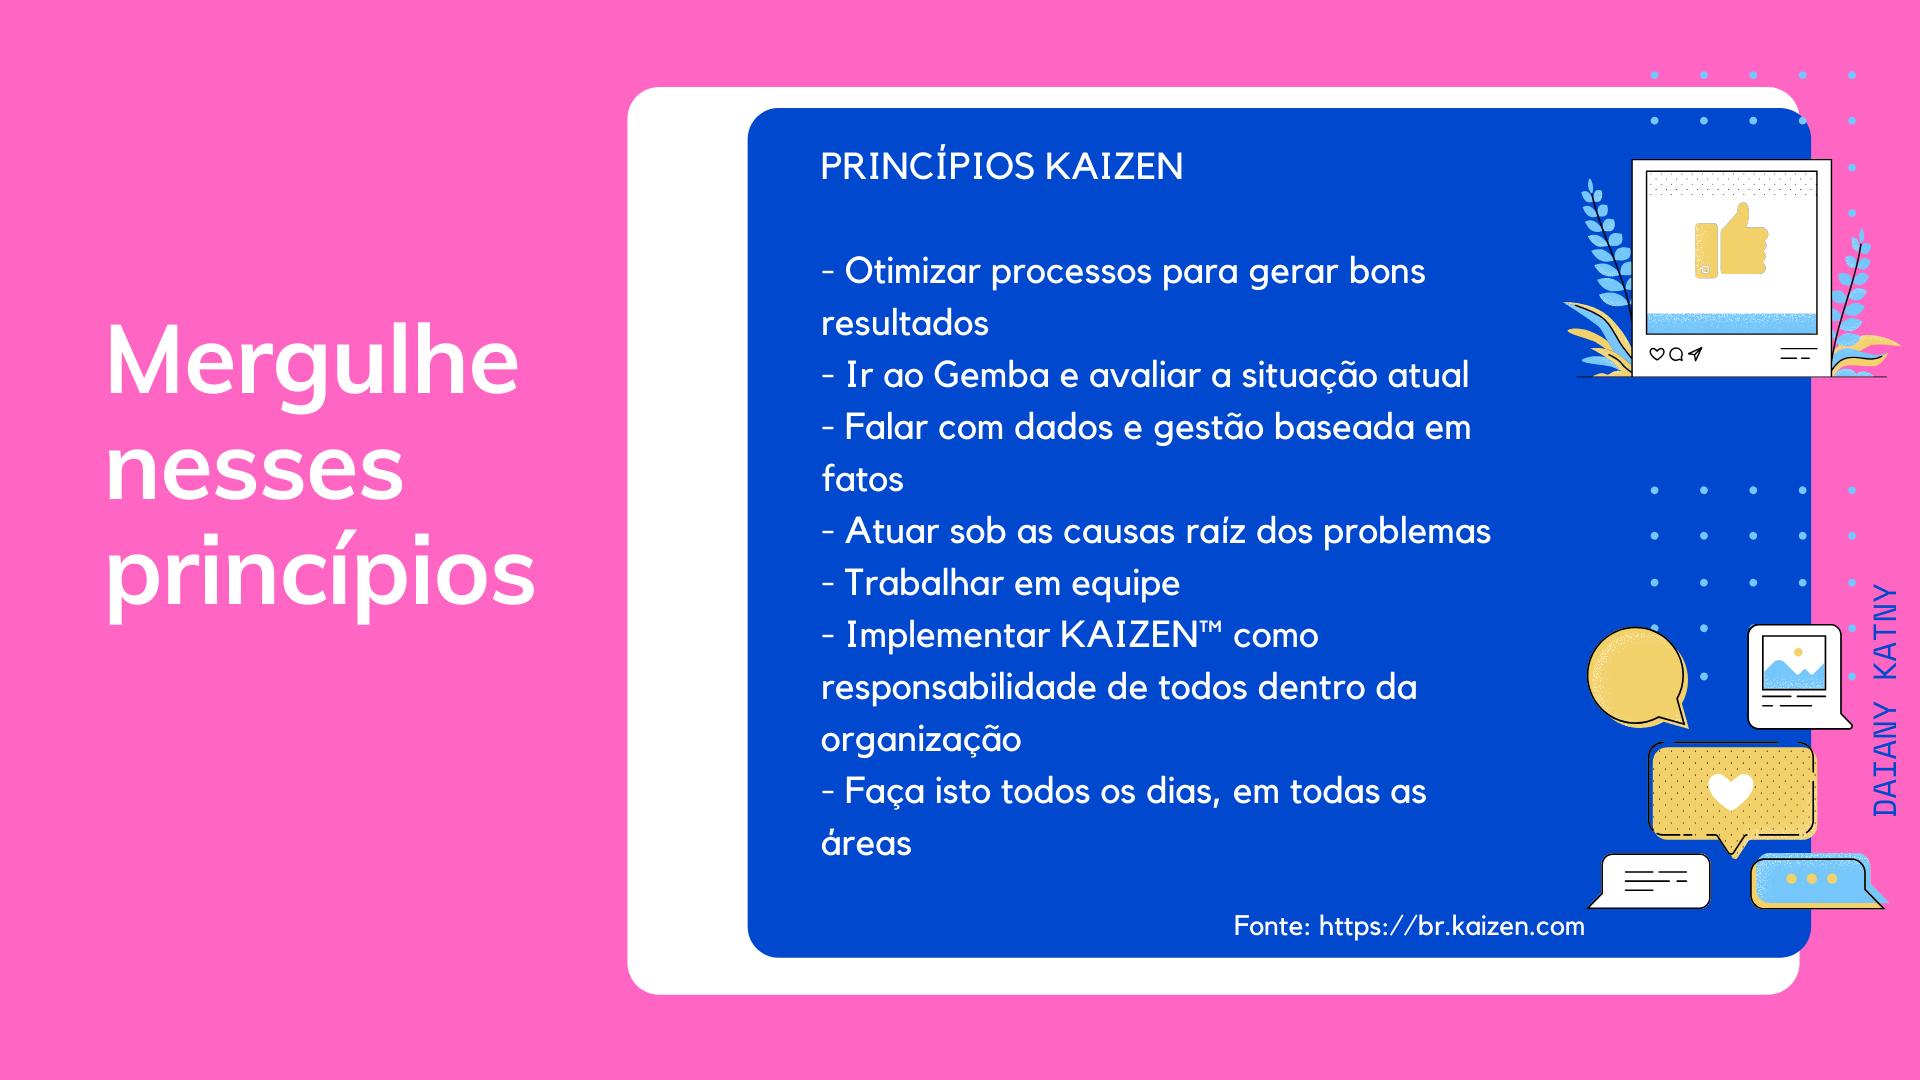 princípios kaizen